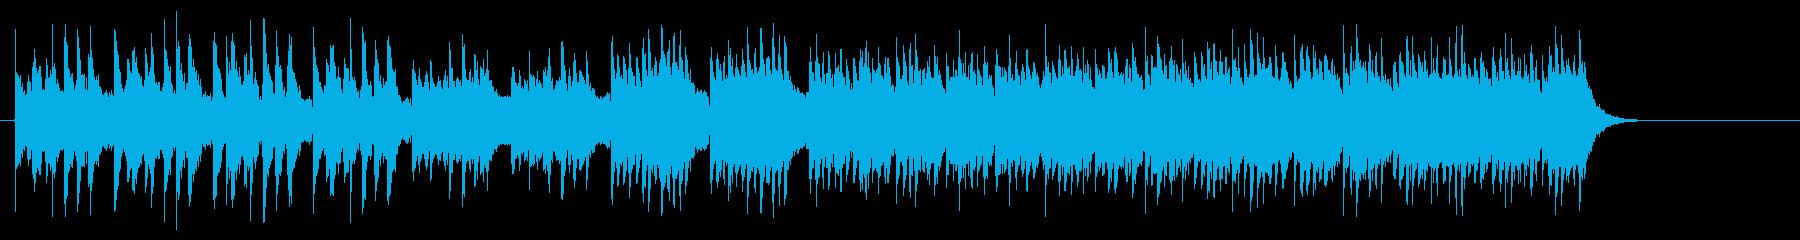 エキゾチックなトルコ民謡風ワールドBGMの再生済みの波形